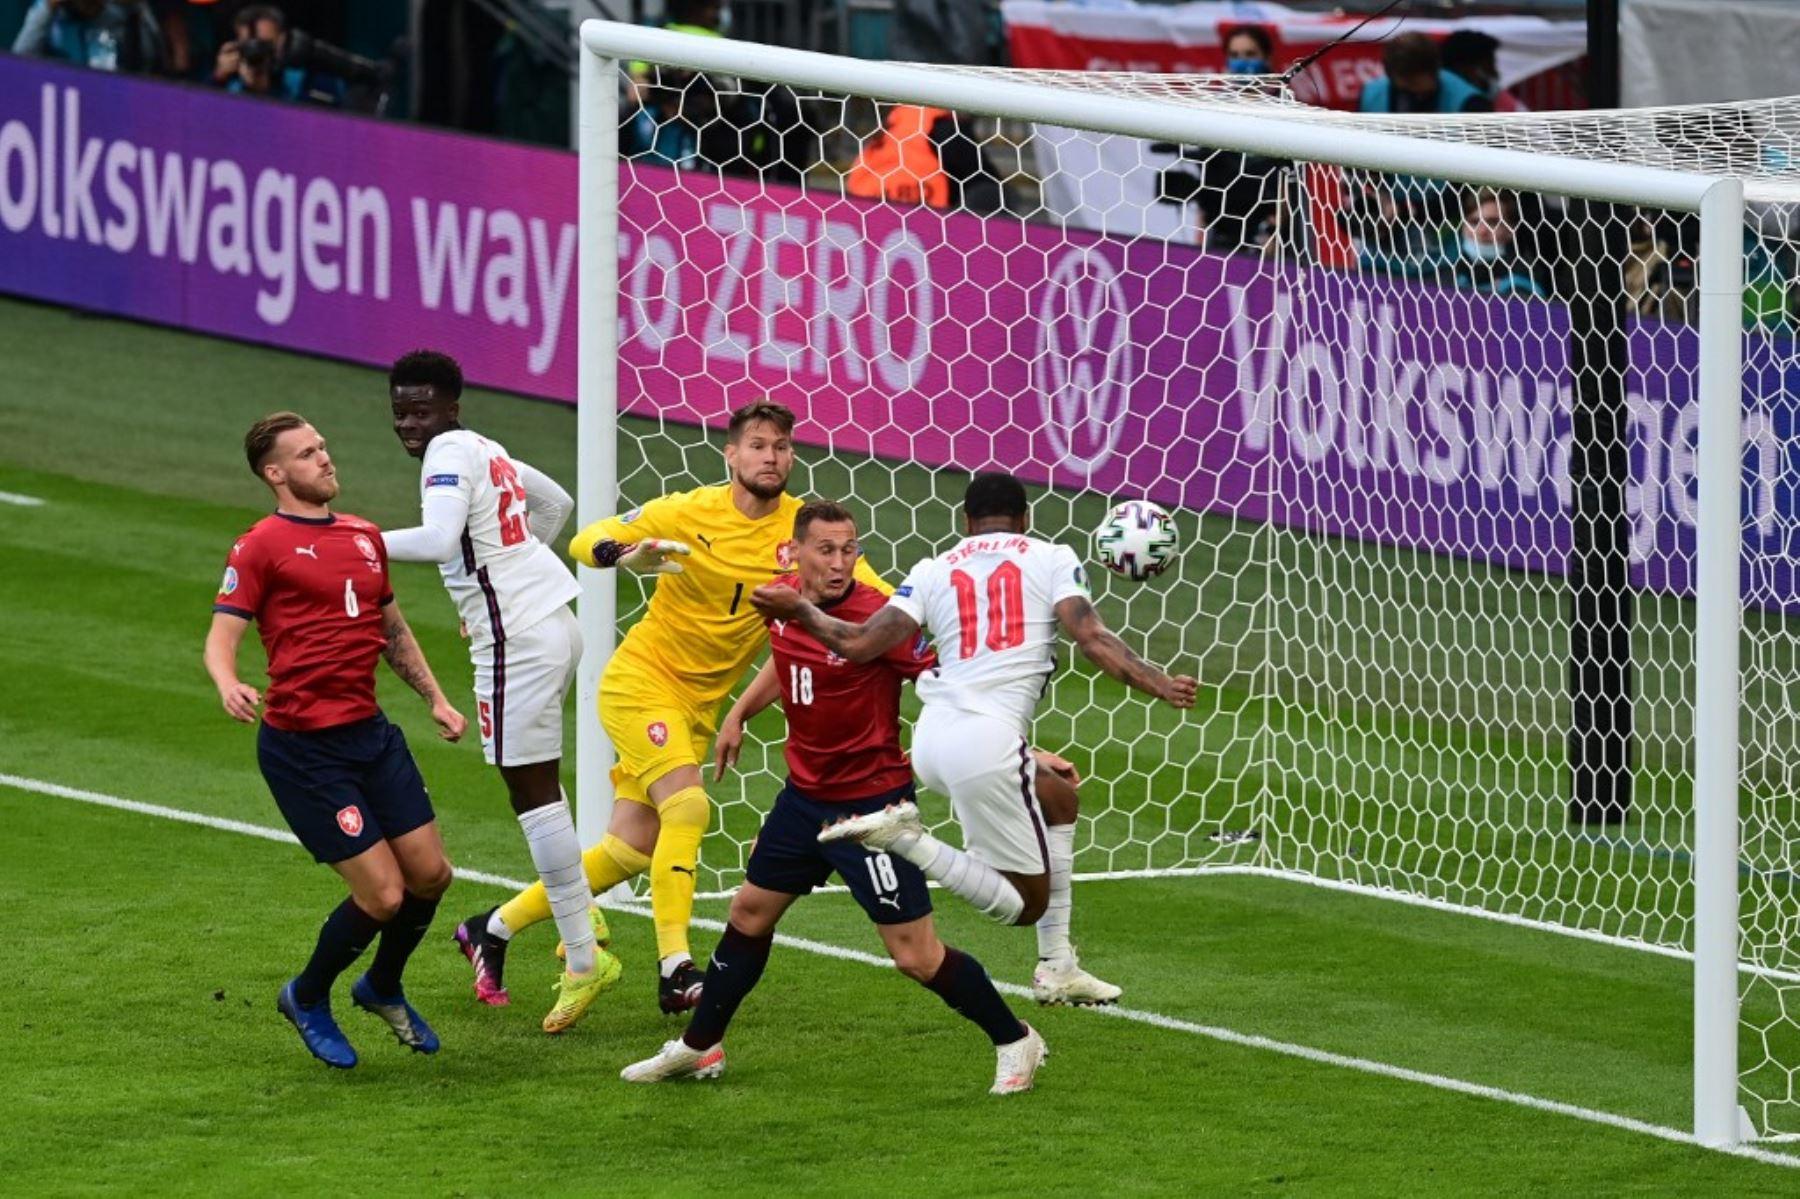 El delantero inglés Raheem Sterling (R) marca el gol de apertura durante el partido de fútbol del Grupo D de la UEFA EURO 2020 entre la República Checa e Inglaterra en el estadio de Wembley en Londres el 22 de junio de 2021. Foto: AFP